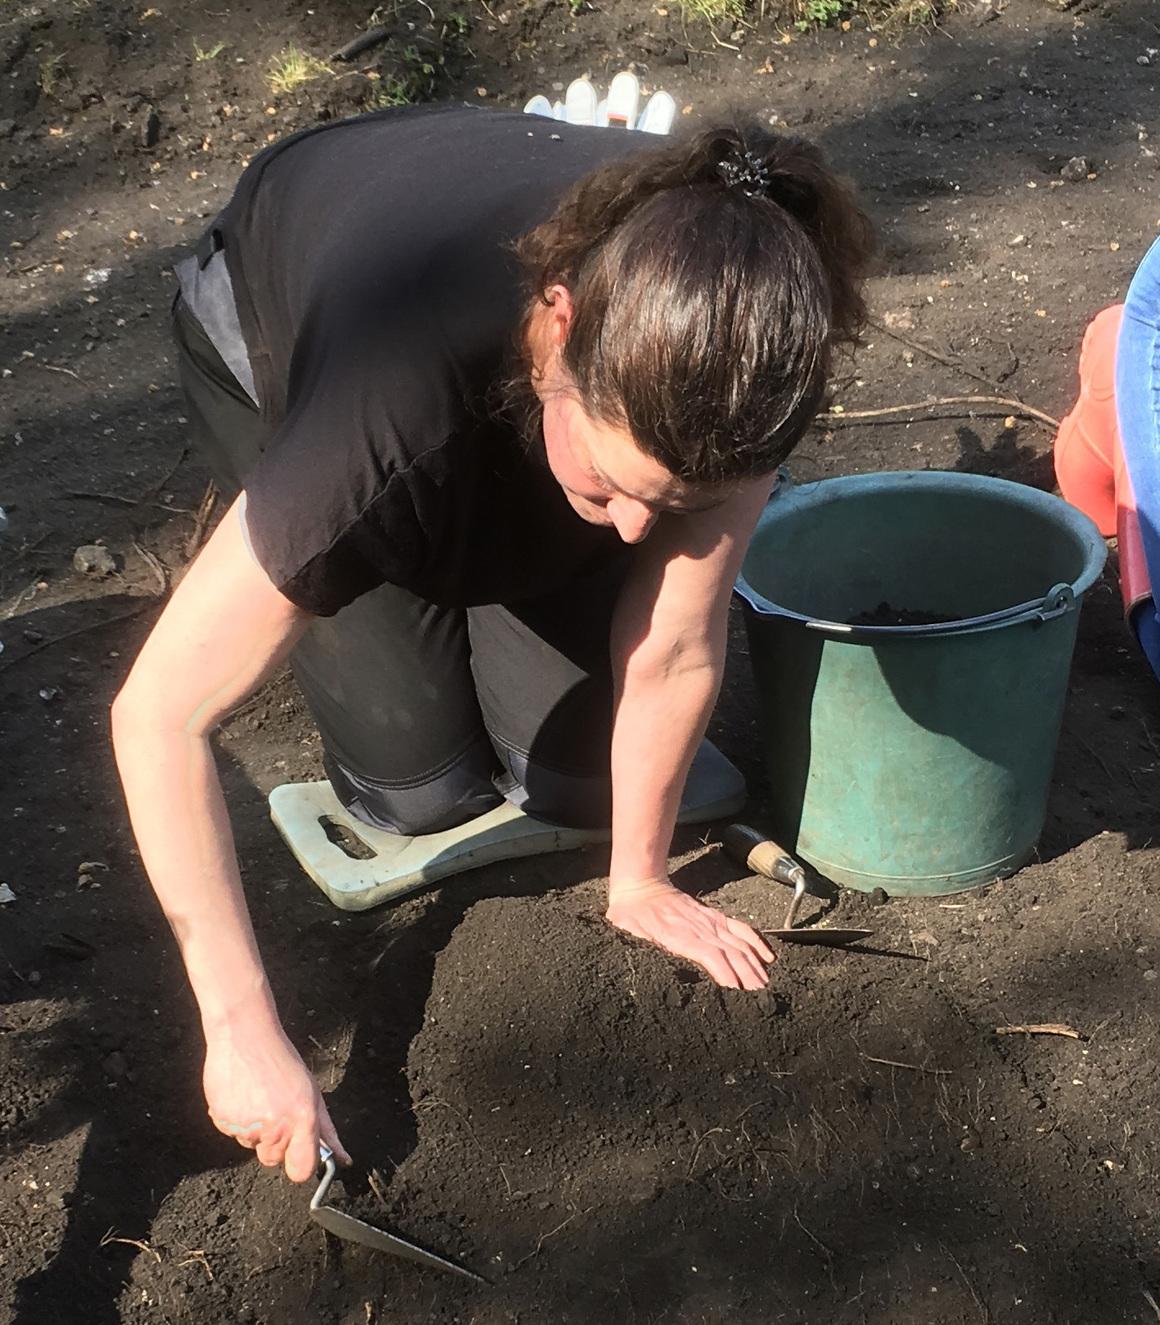 En kvinna står på knä och gräver med ett redskap